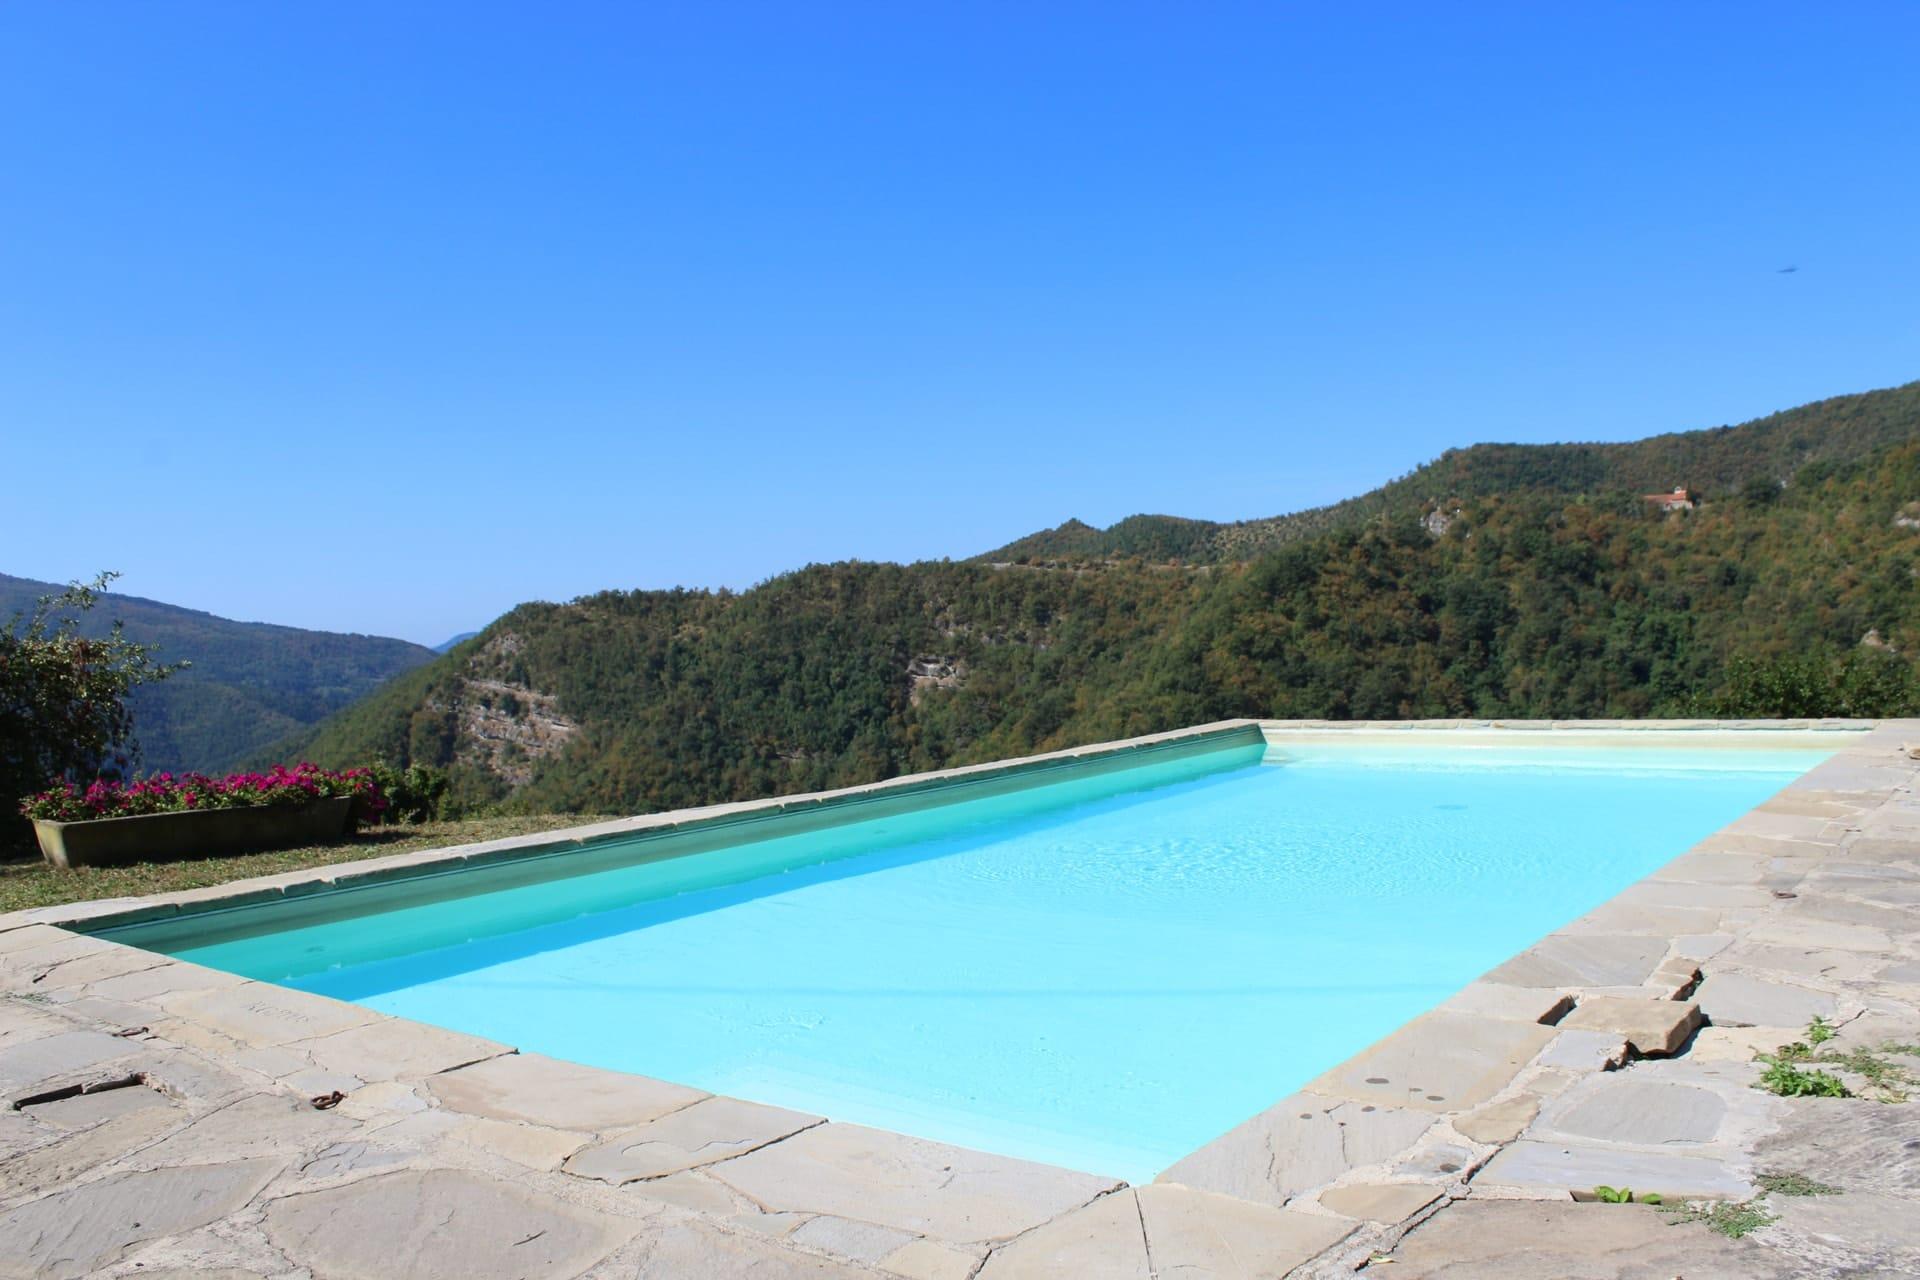 La piscina della Tenuta Mazzini si affaccia sull'intera vallata per un bagno immersi nella natura|Tenuta Mazzini Agriturismo-San Godenzo